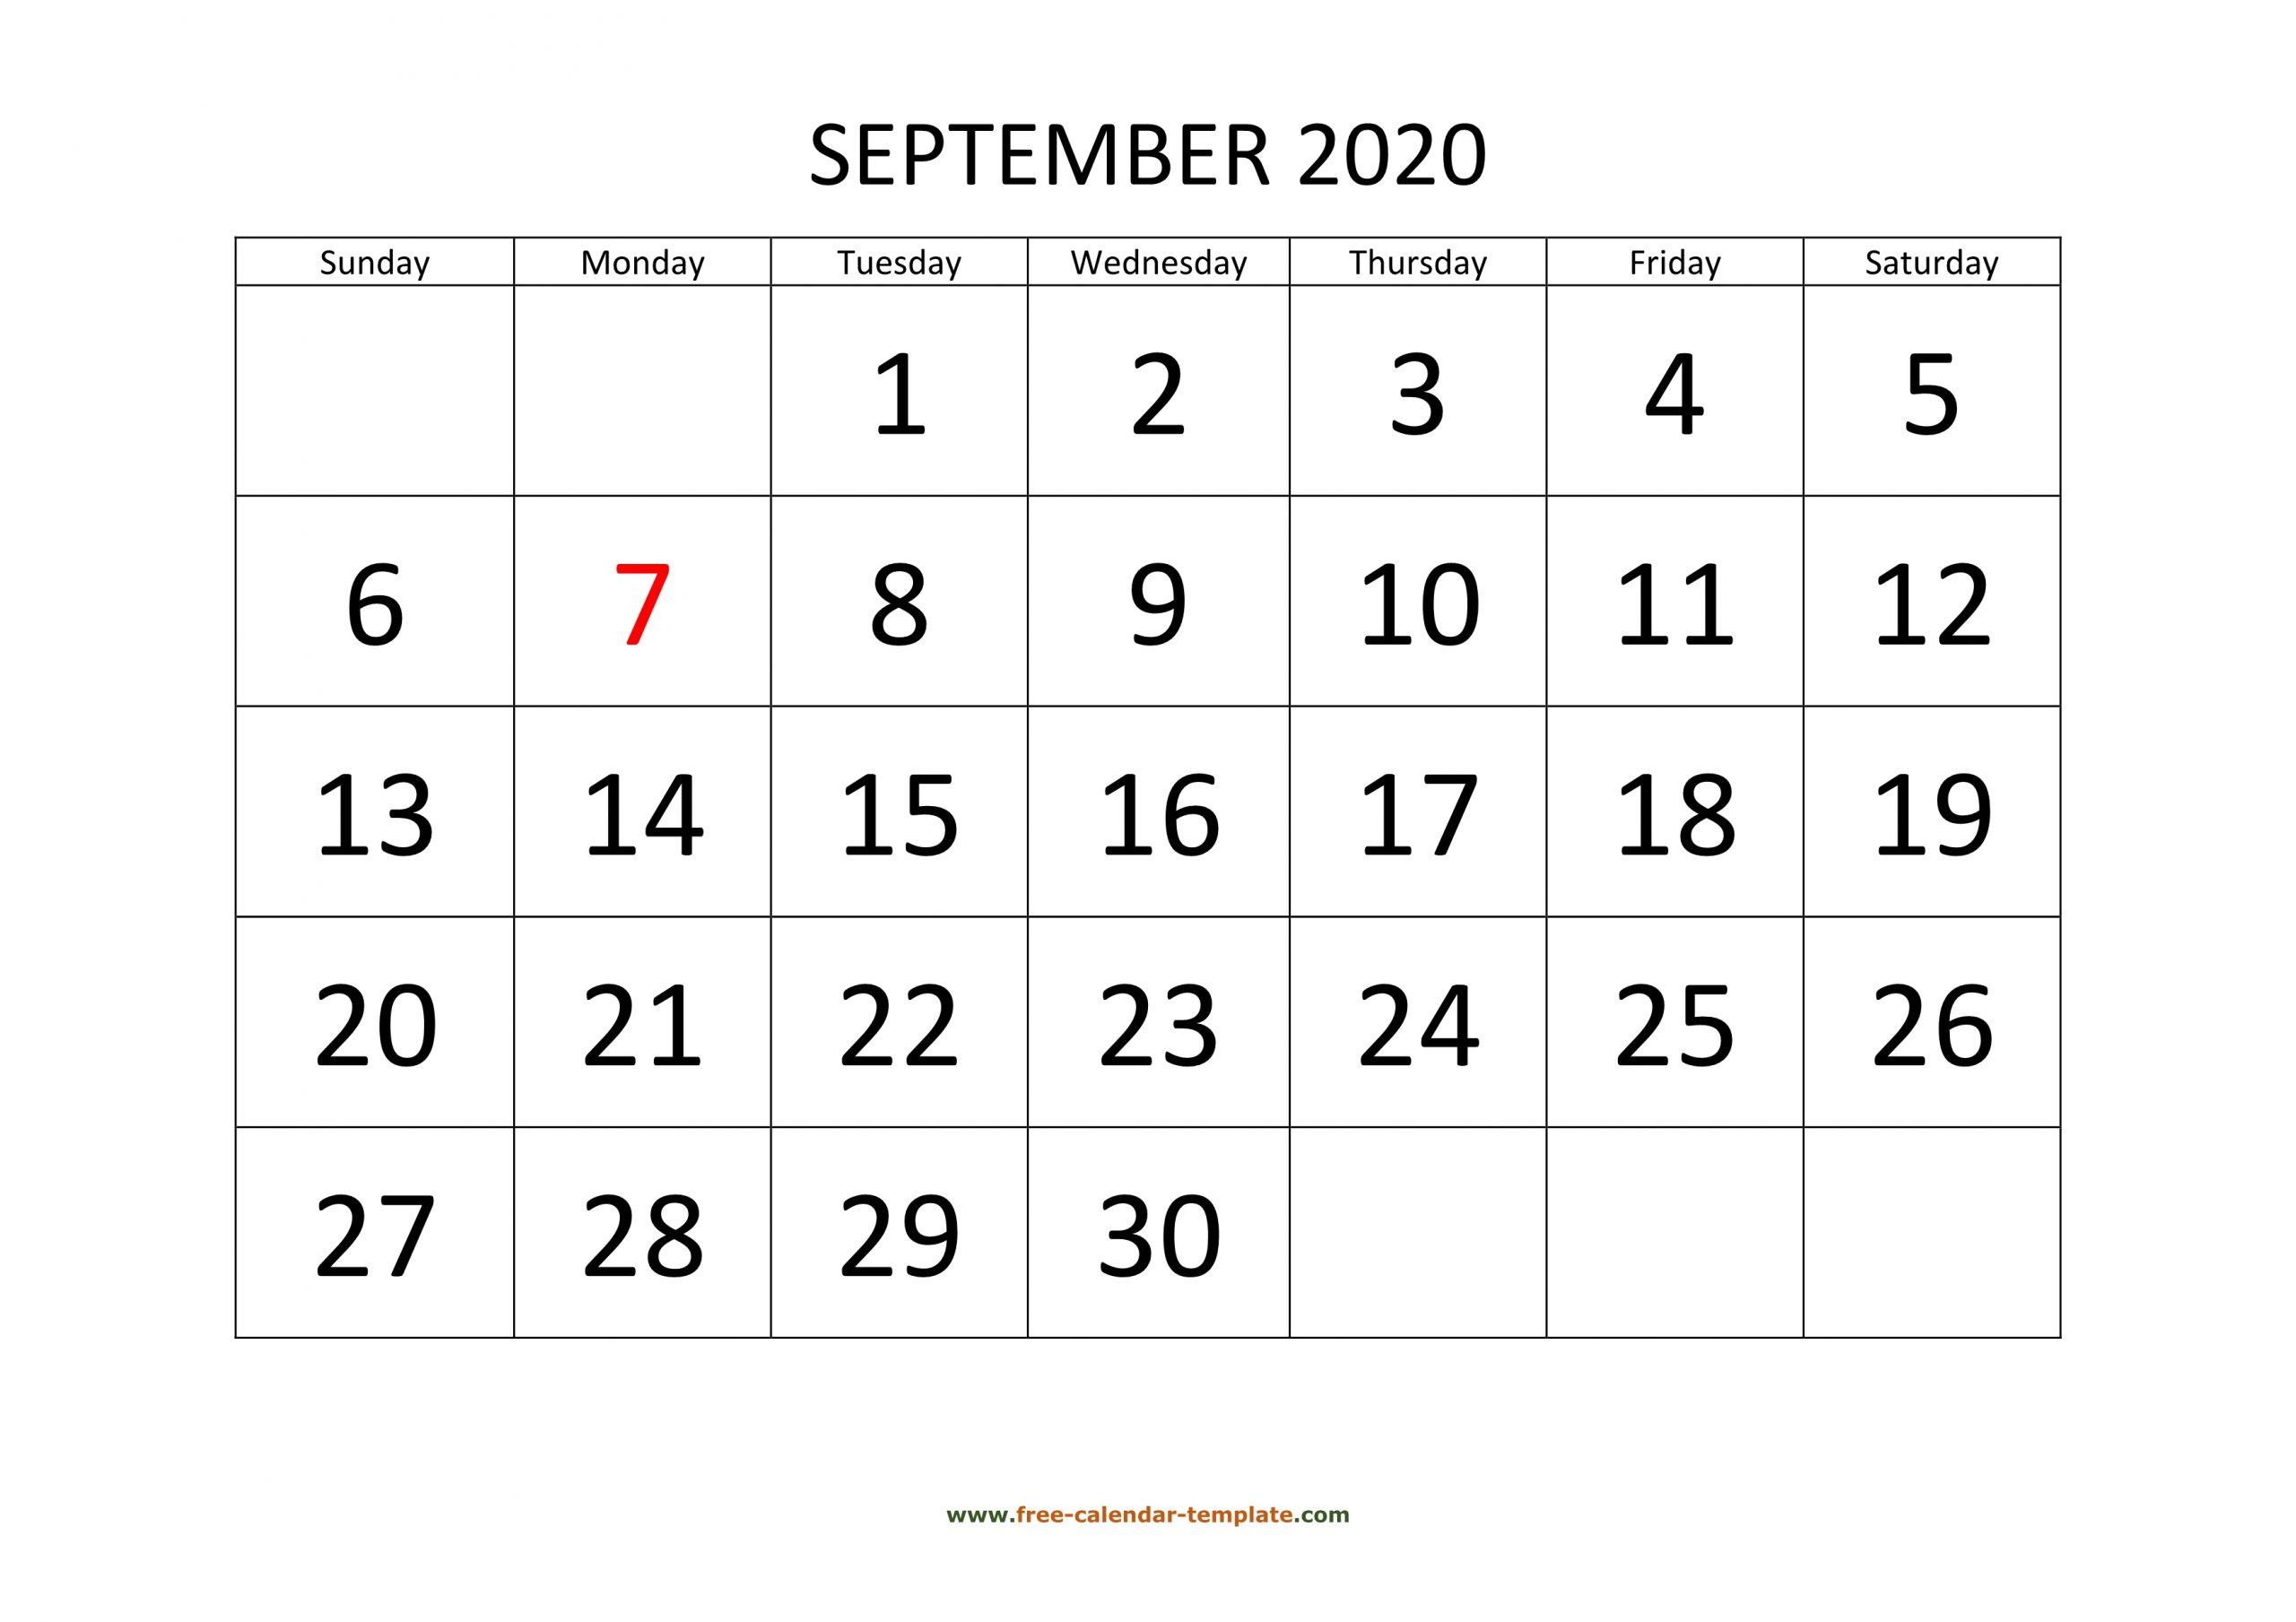 September 2020 Calendar Designed With Large Font (Horizontal